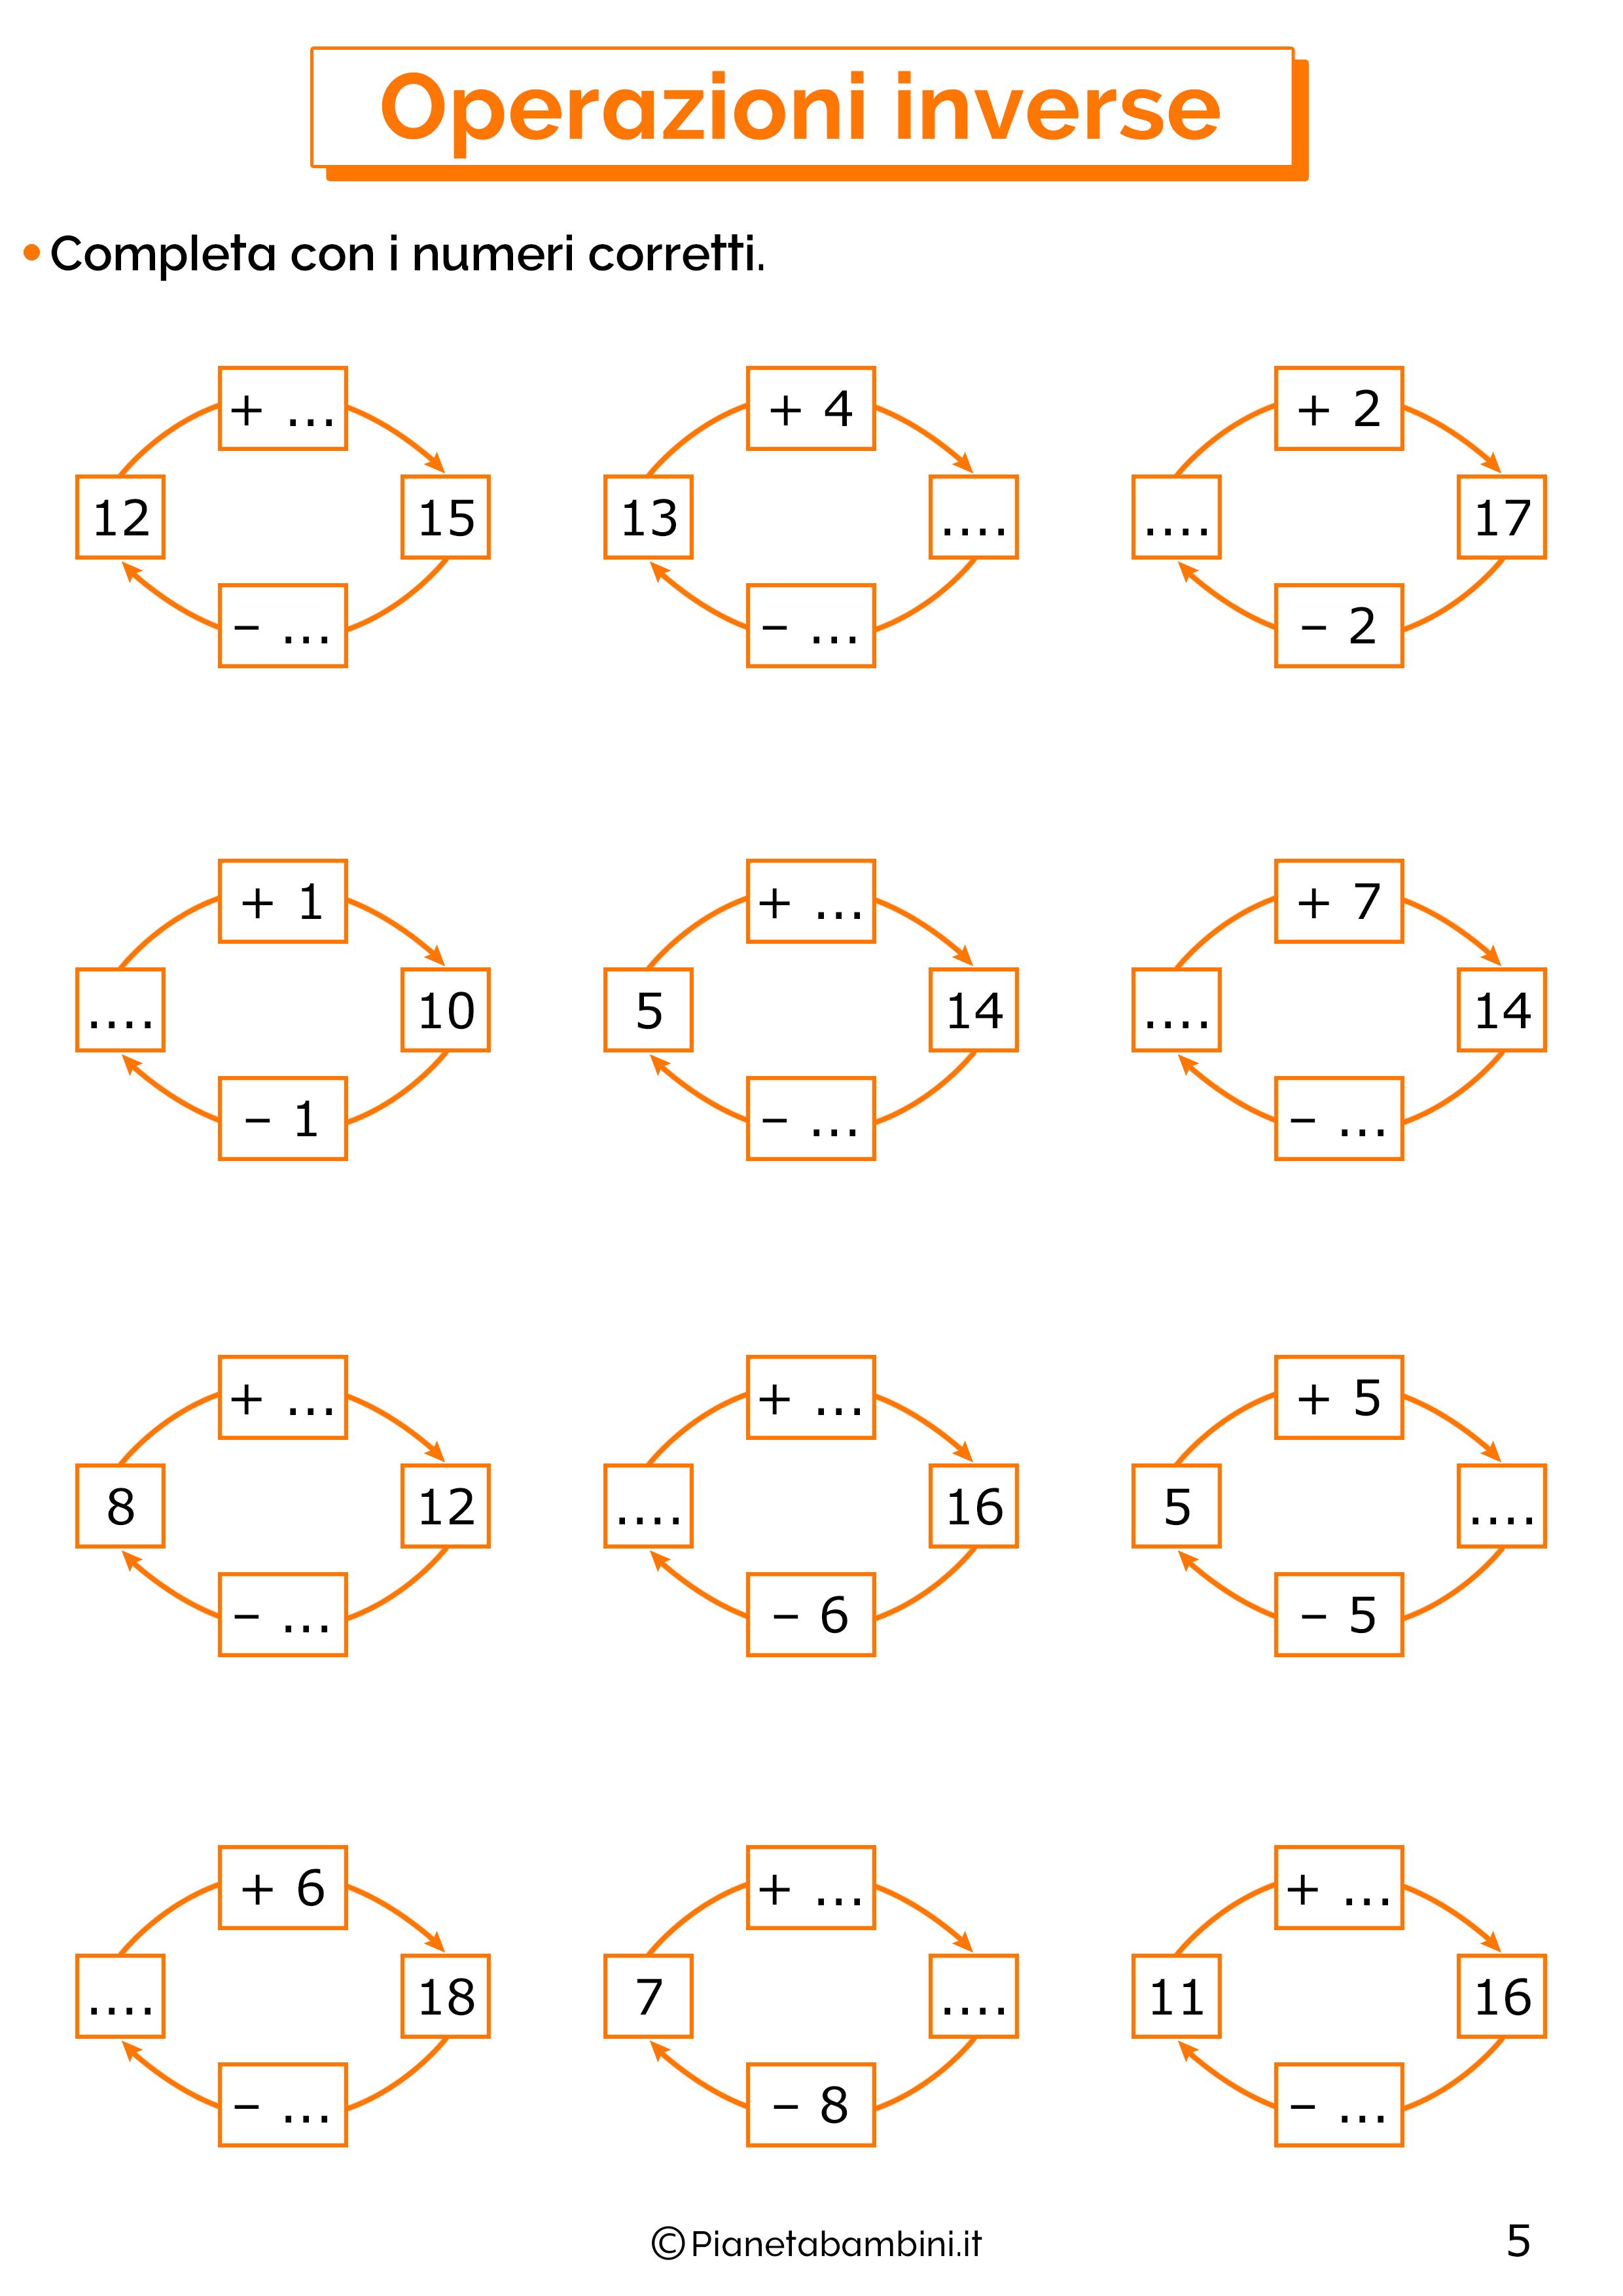 Schede didattiche sulle operazioni inverse 05